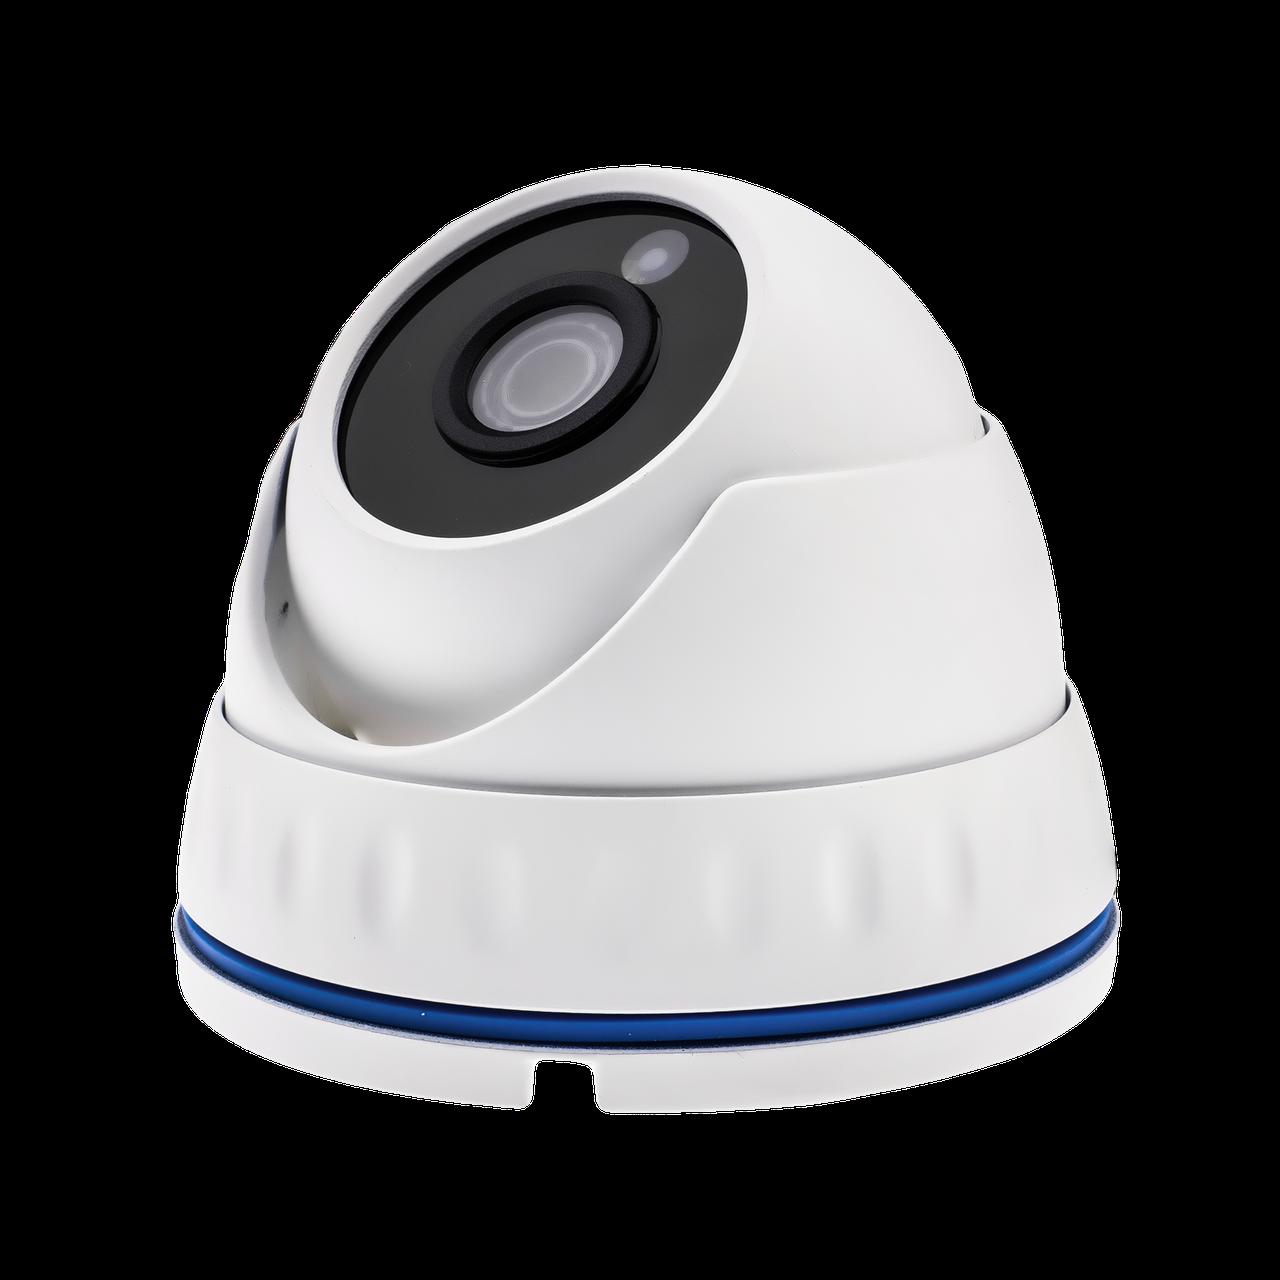 Гибридная Антивандальная камера для внутренней и наружной установки GreenVision GV-065-GHD-G-DOS20-20 1080p